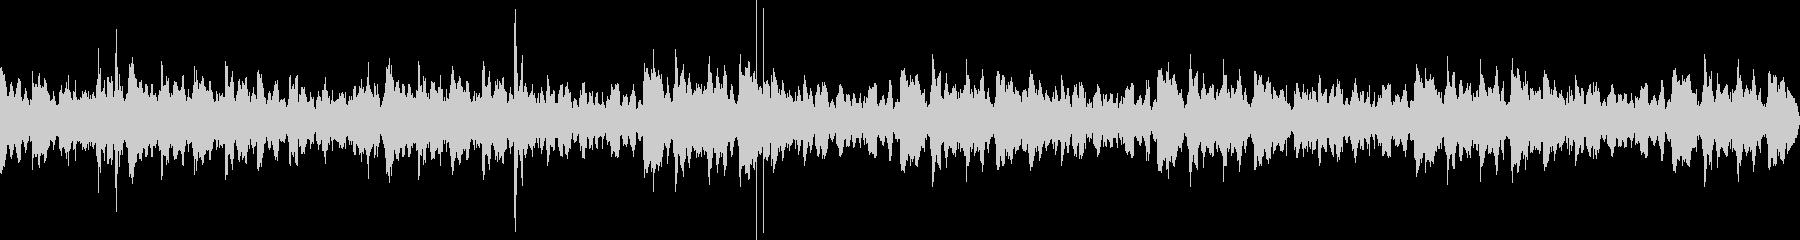 Lo-Fi HipHopのBGMの未再生の波形